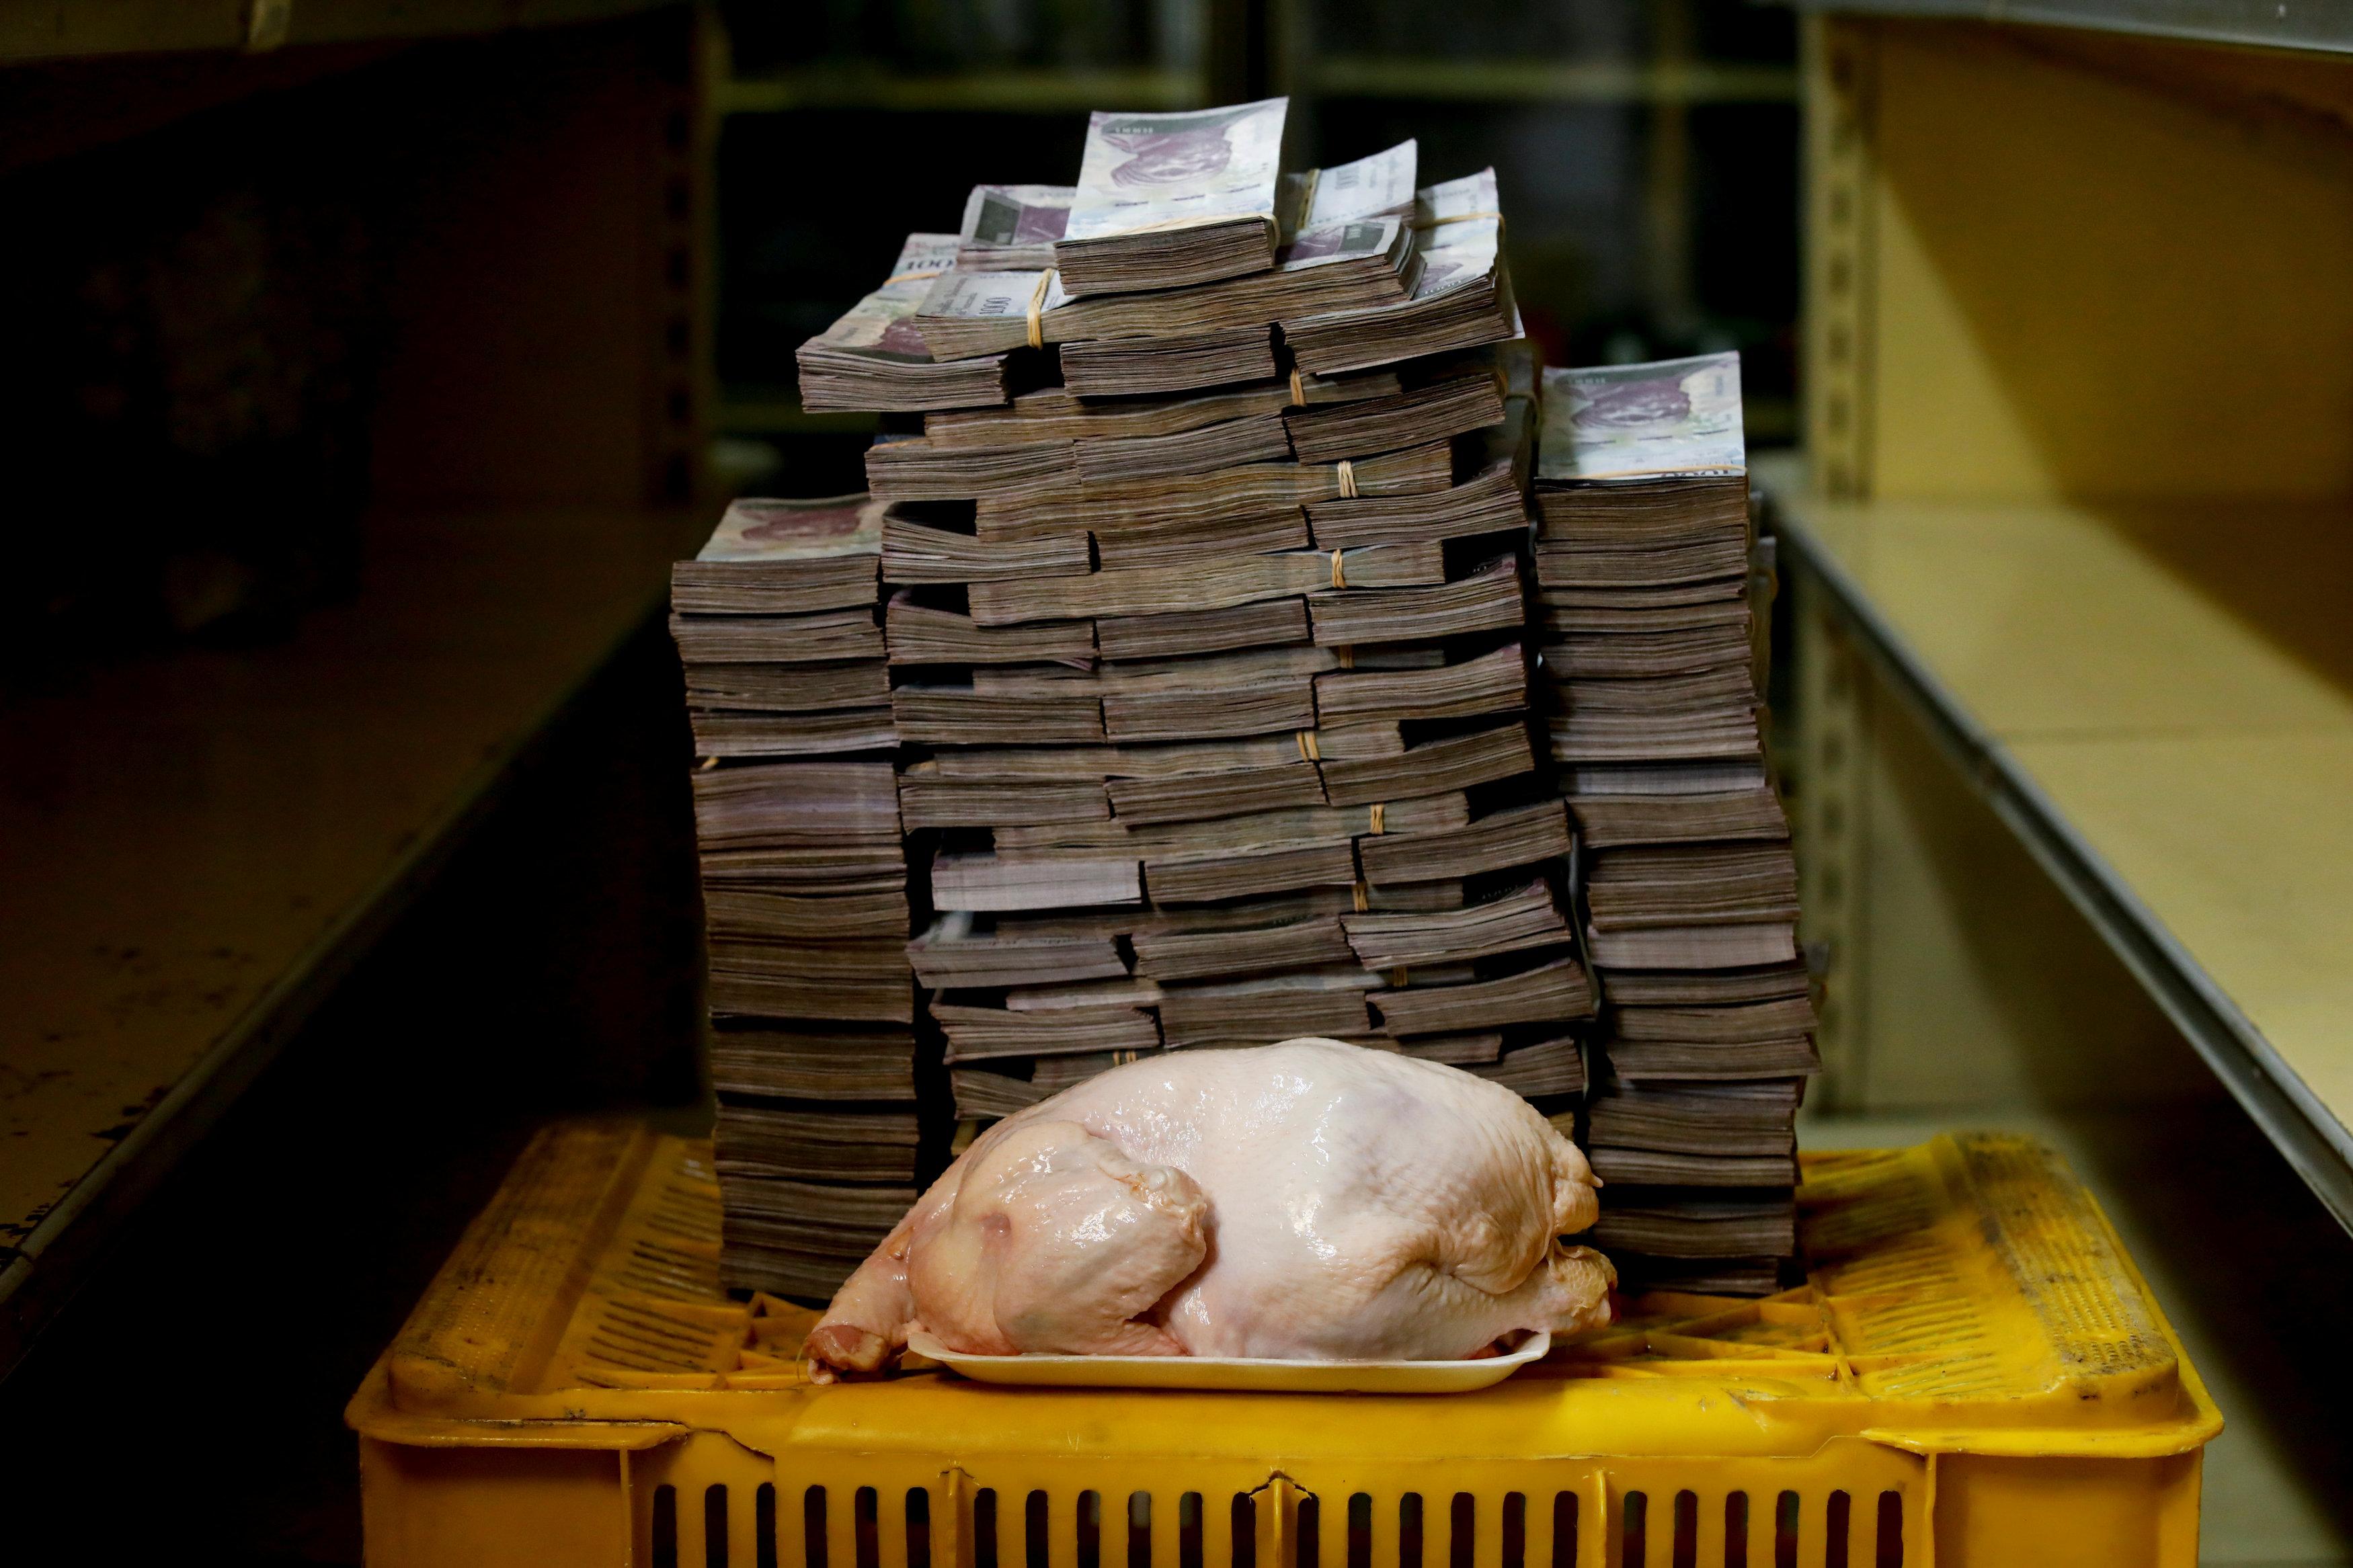 В августе 2018 года 2,4 кг куриного мяса можно было купить за 14 миллионов 600 тысяч боливар – 2,22 доллара США